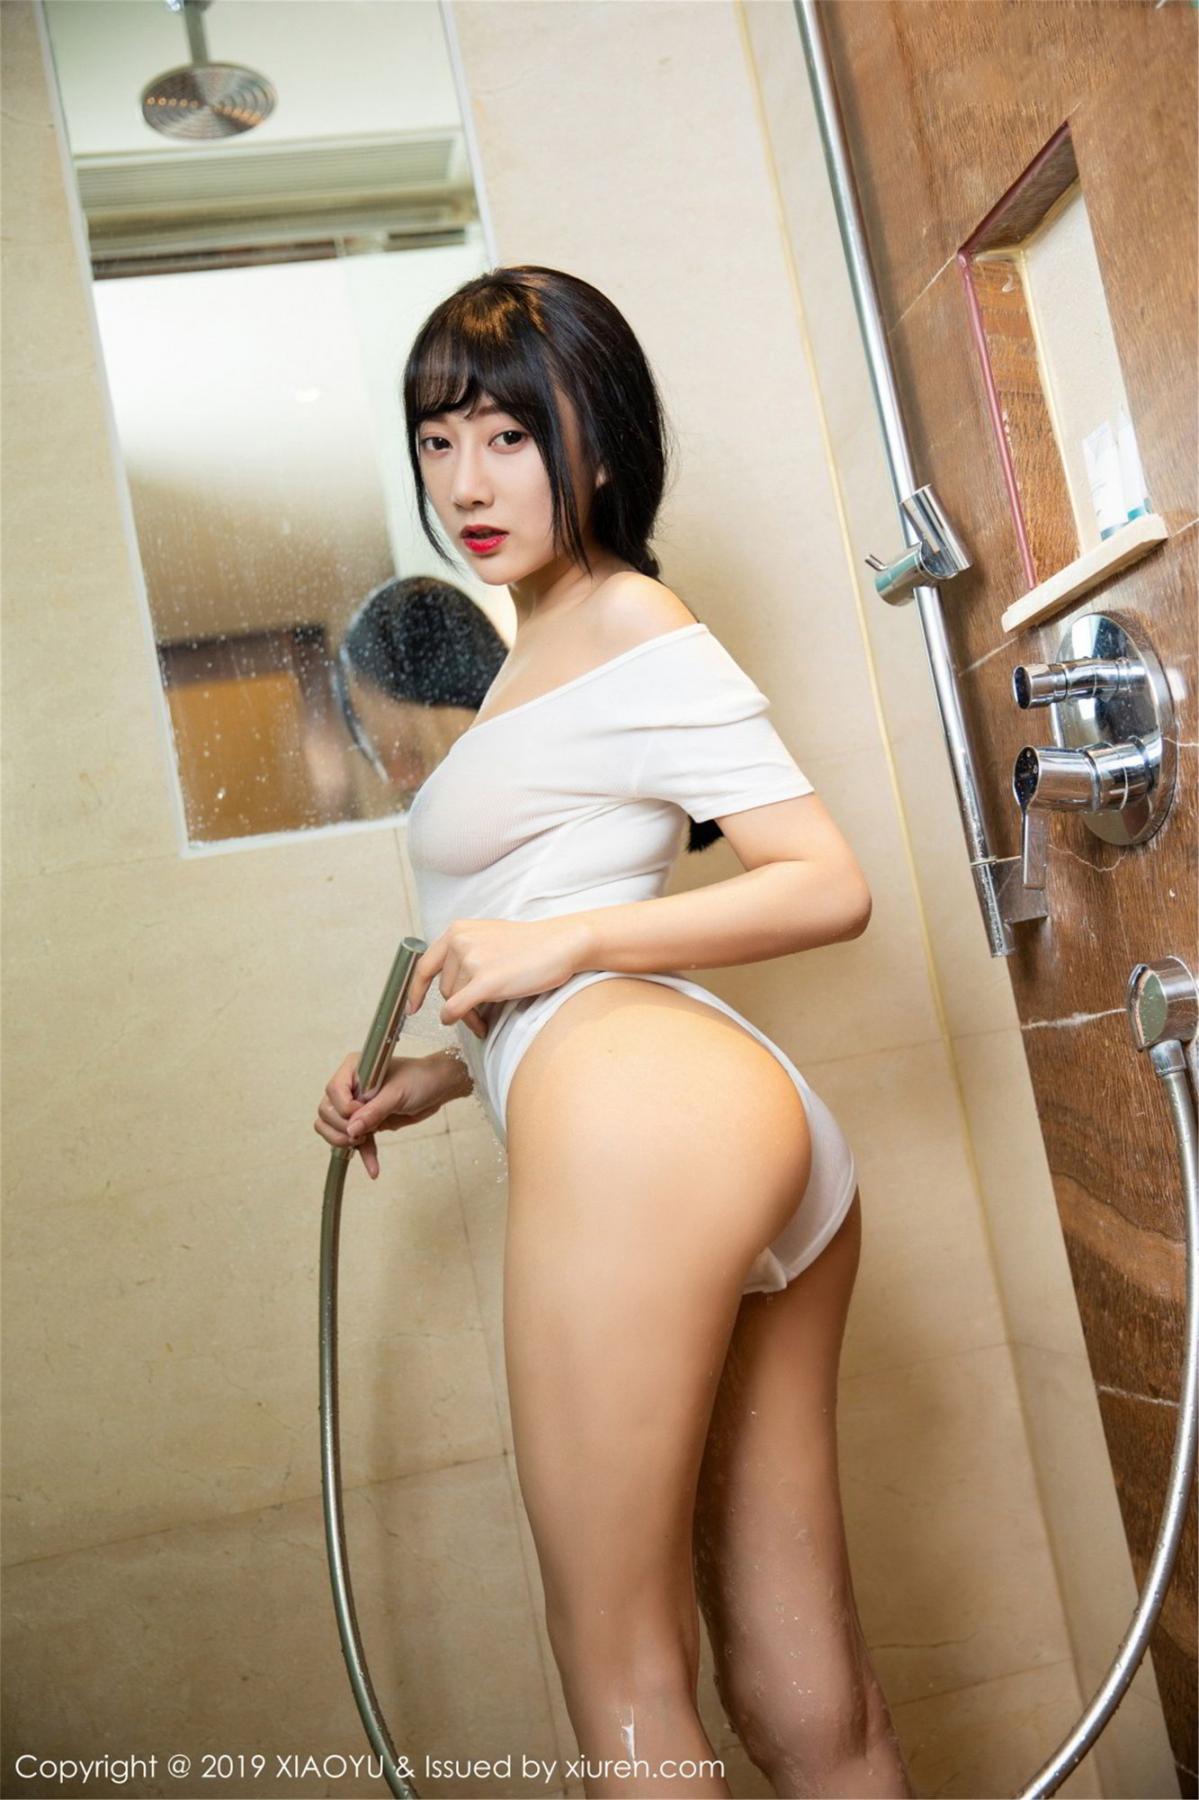 [XiaoYu] Vol.116 He Jia Ying 37P, Bathroom, He Jia Ying, Wet, XiaoYu